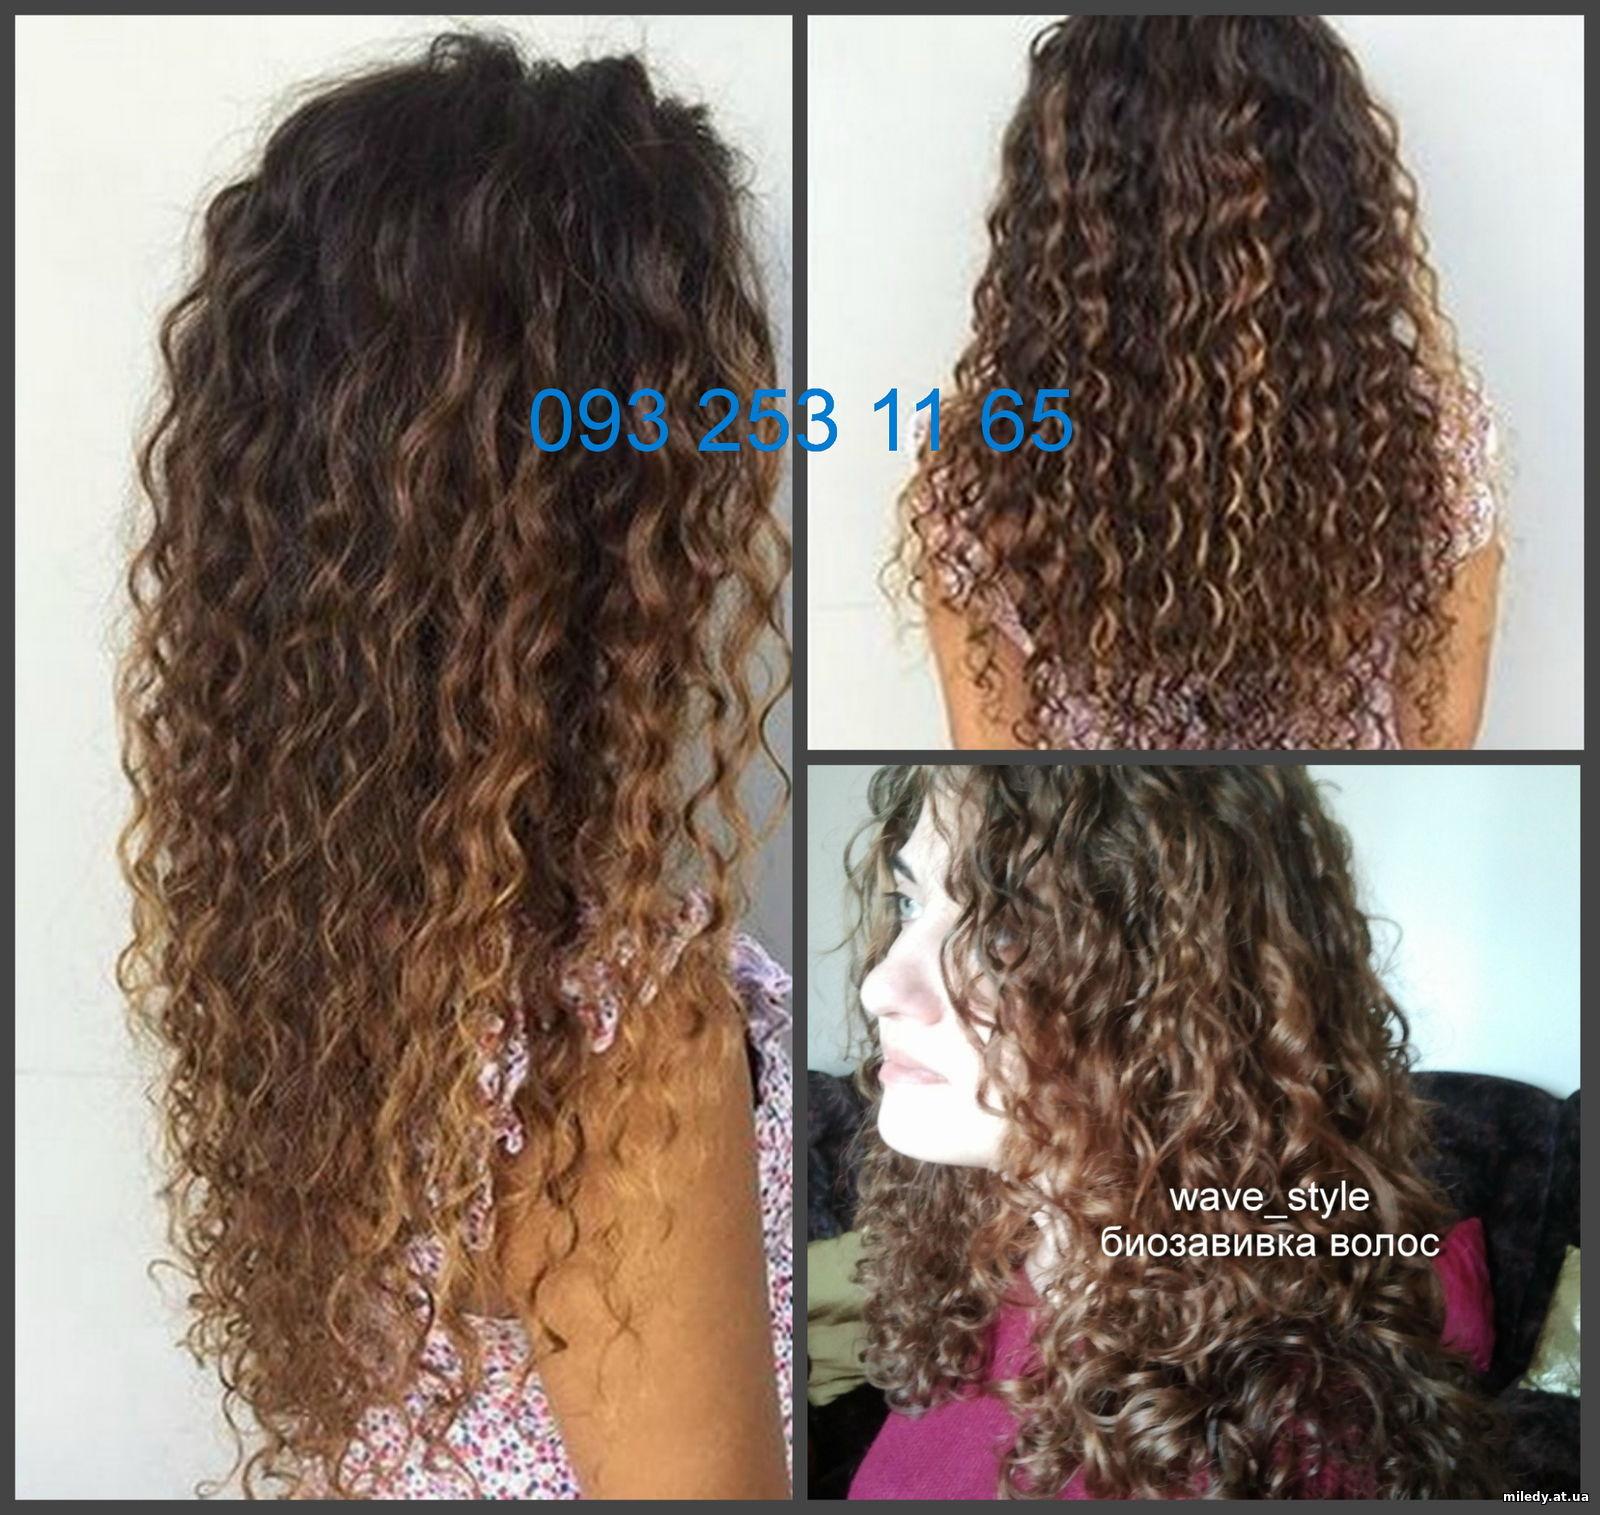 Кератиновая биозавивка волос отзывы